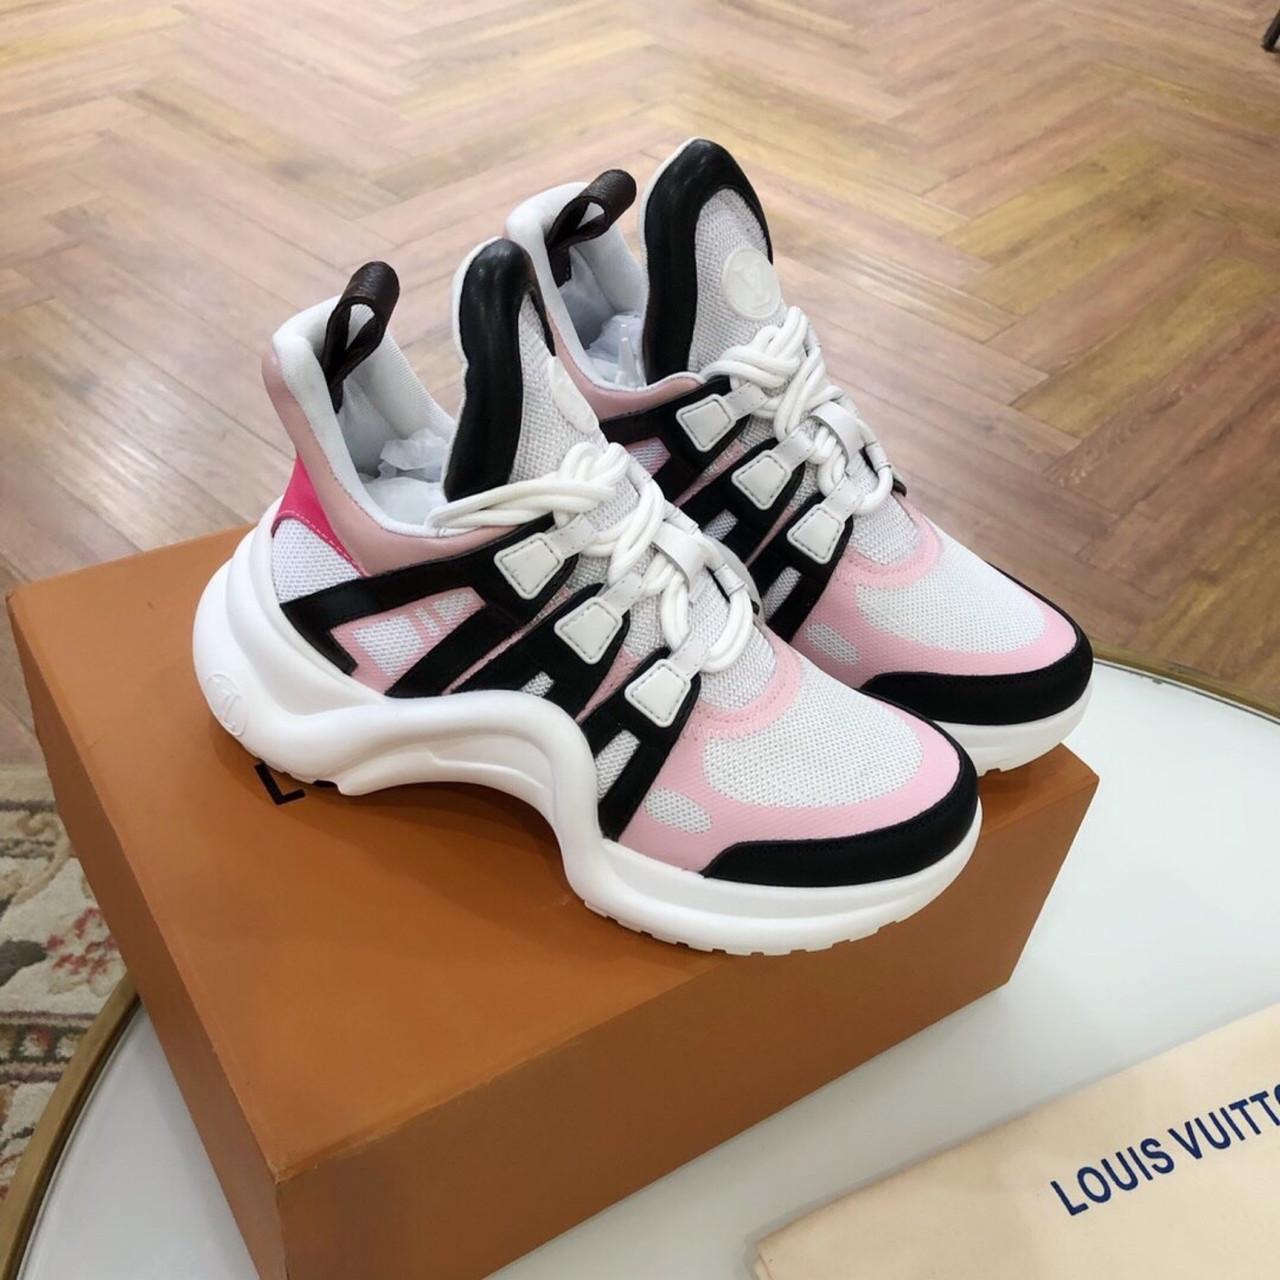 Кросівки, кеди, снікерси Луї Вітон, Archlight Sneaker, колір комбо